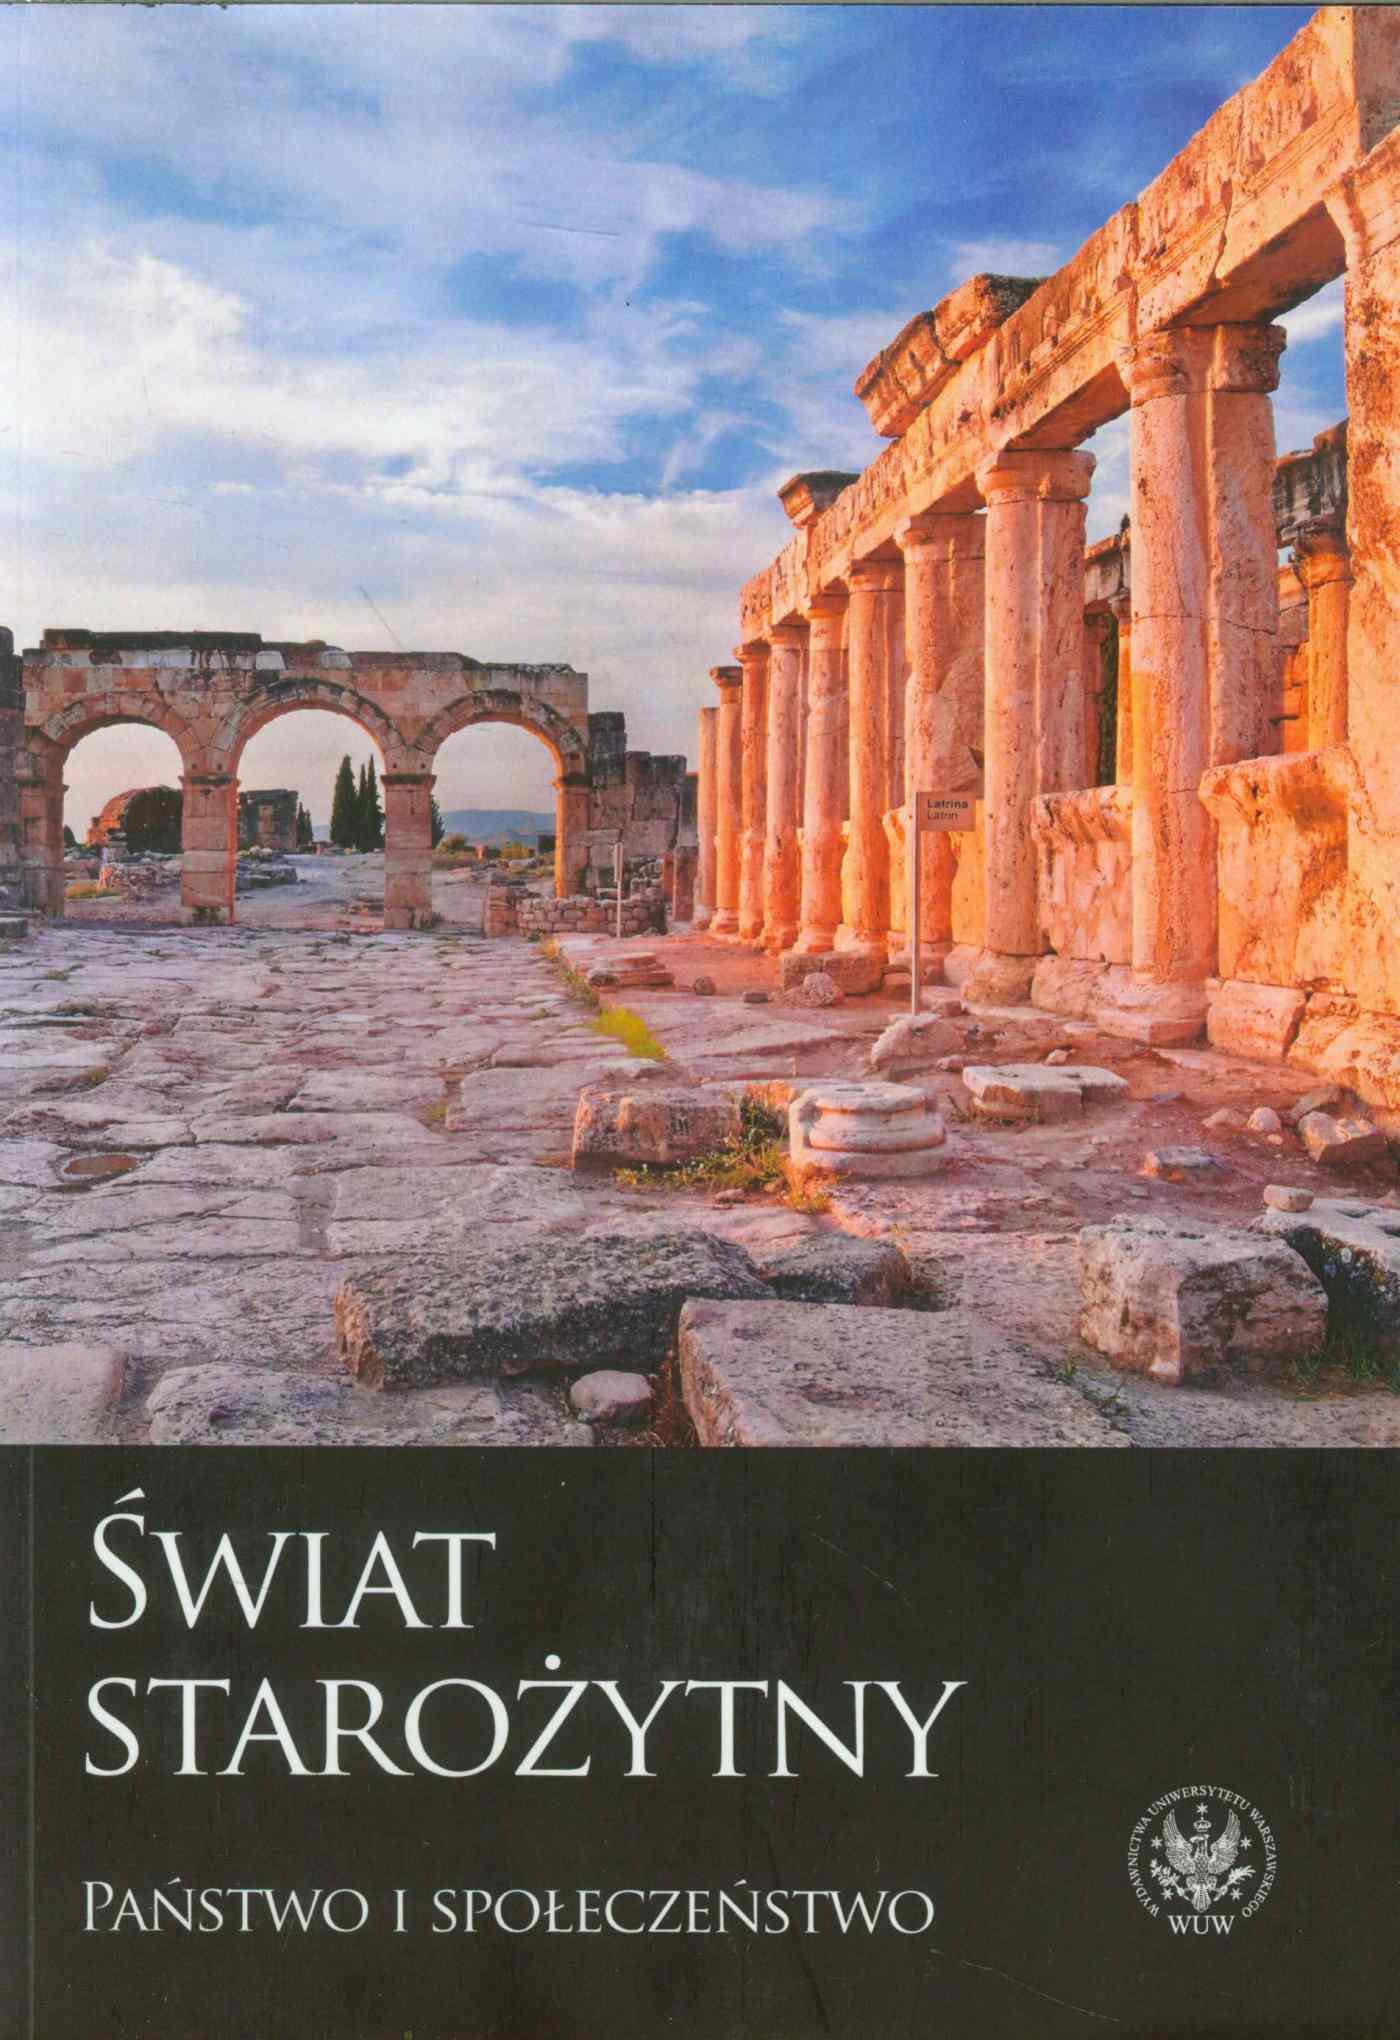 Świat starożytny. Państwo i społeczeństwo - Ebook (Książka PDF) do pobrania w formacie PDF